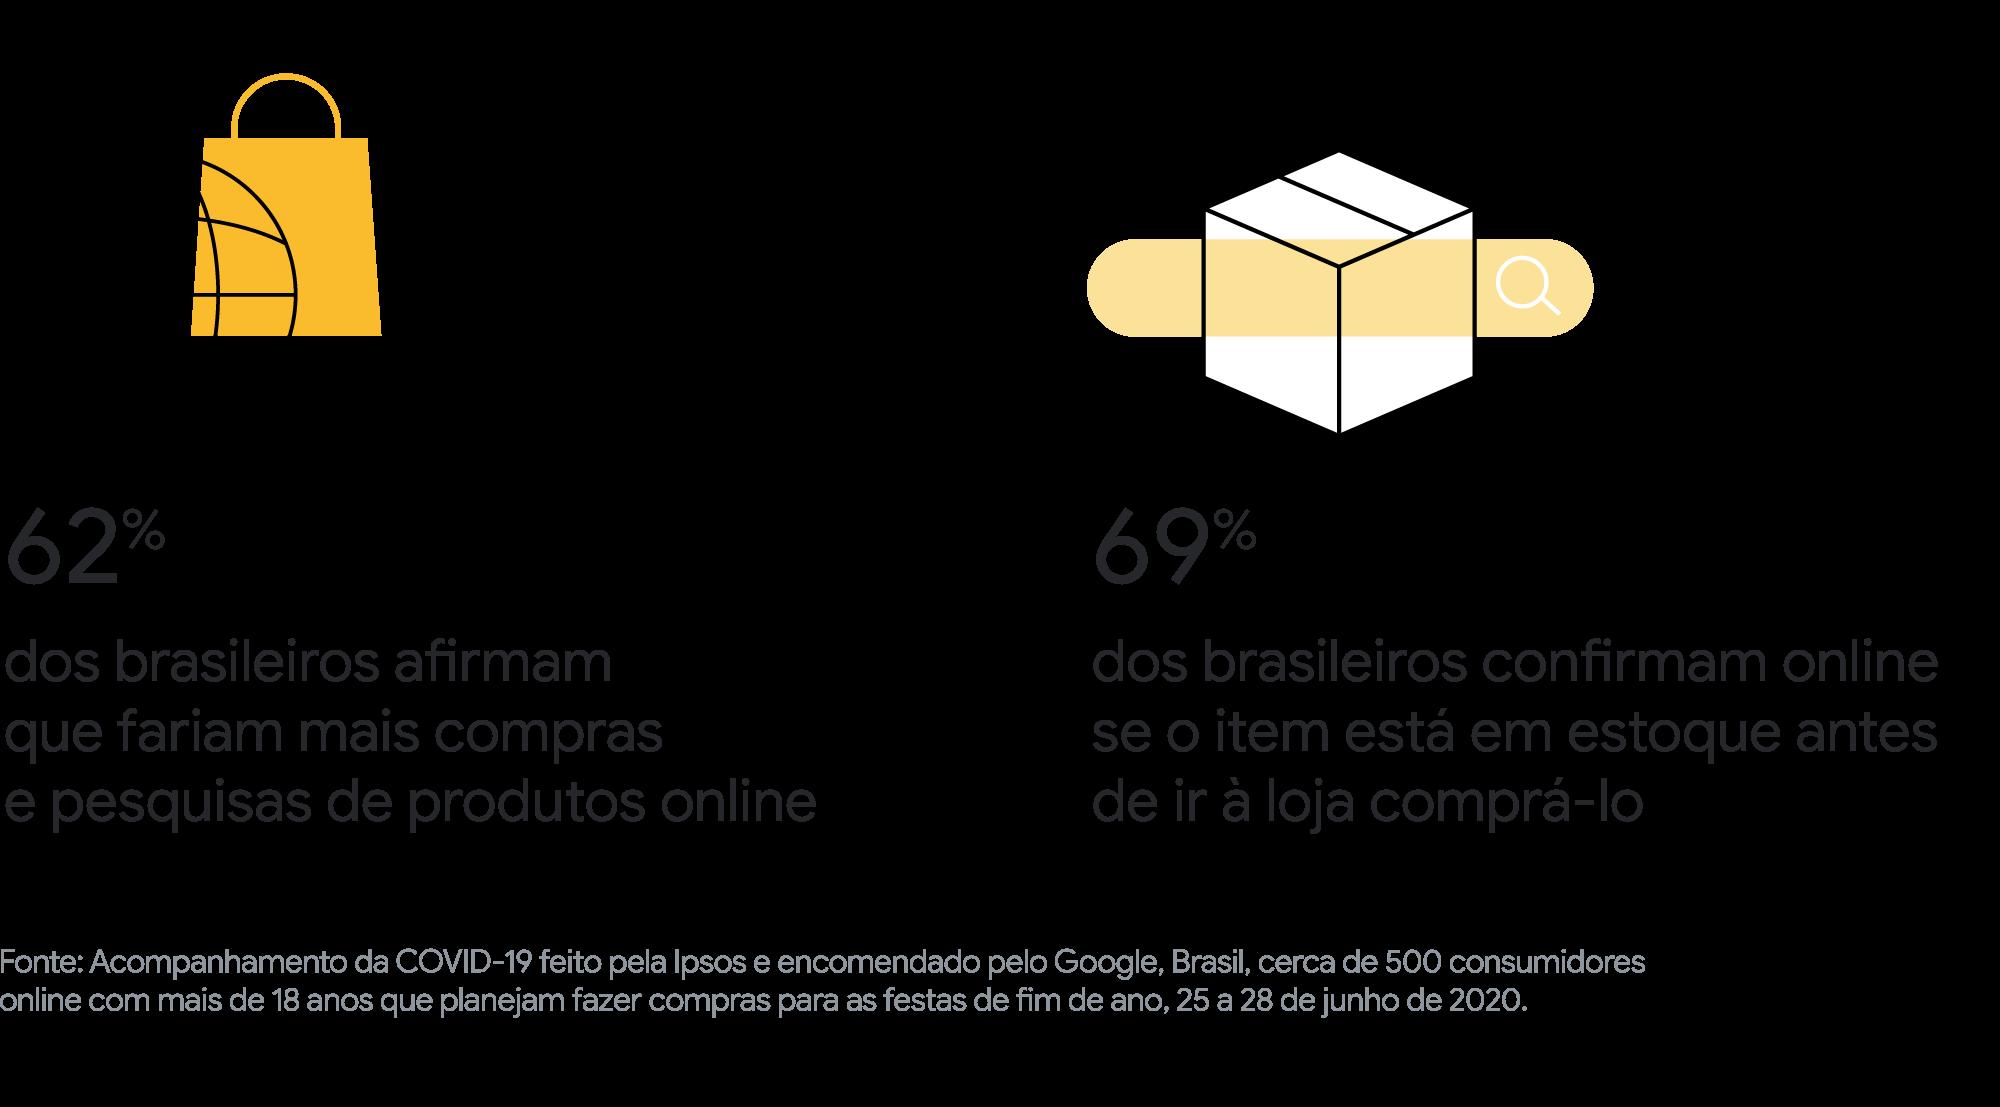 Conheça o nosso guia para melhorar o desempenho do seu e-commerce